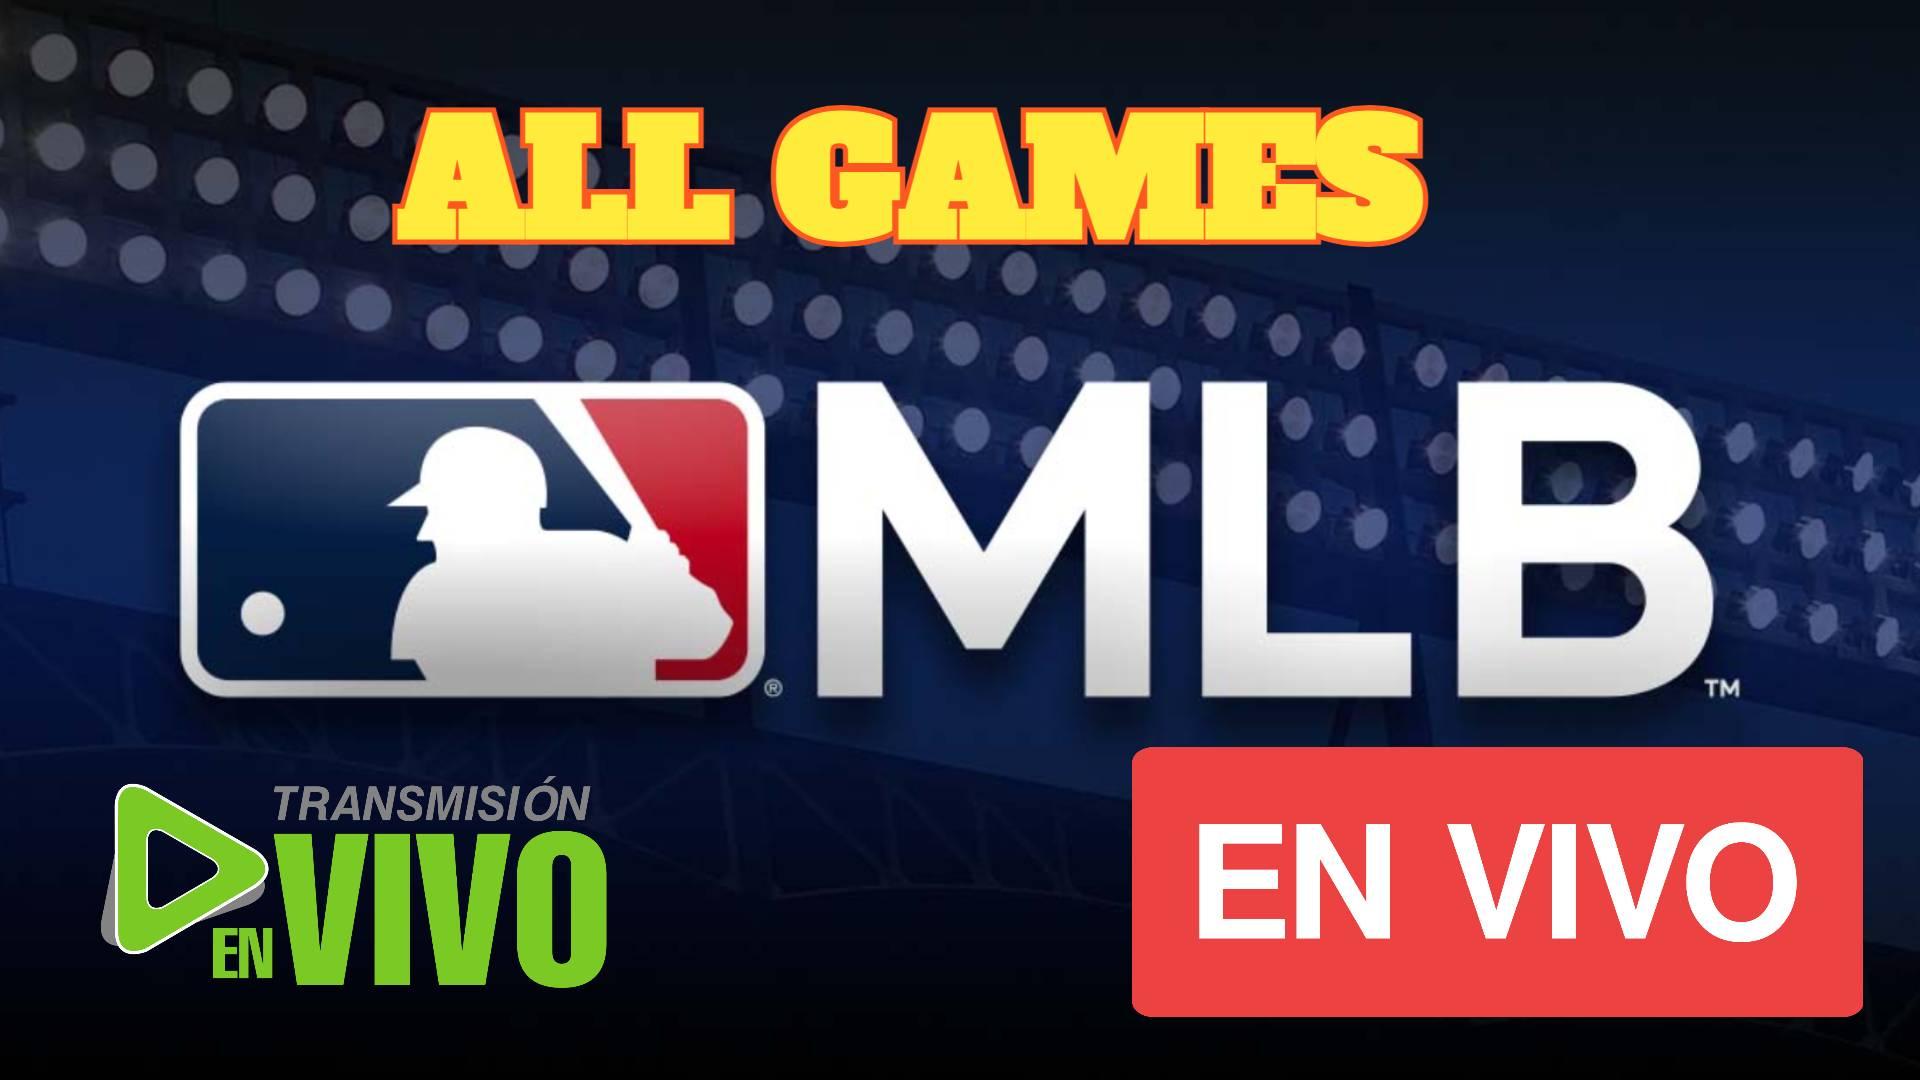 MLB 2021 EN VIVO; JUEGOS DE LA MLB 2021 EN VIVO ONLINE HOY